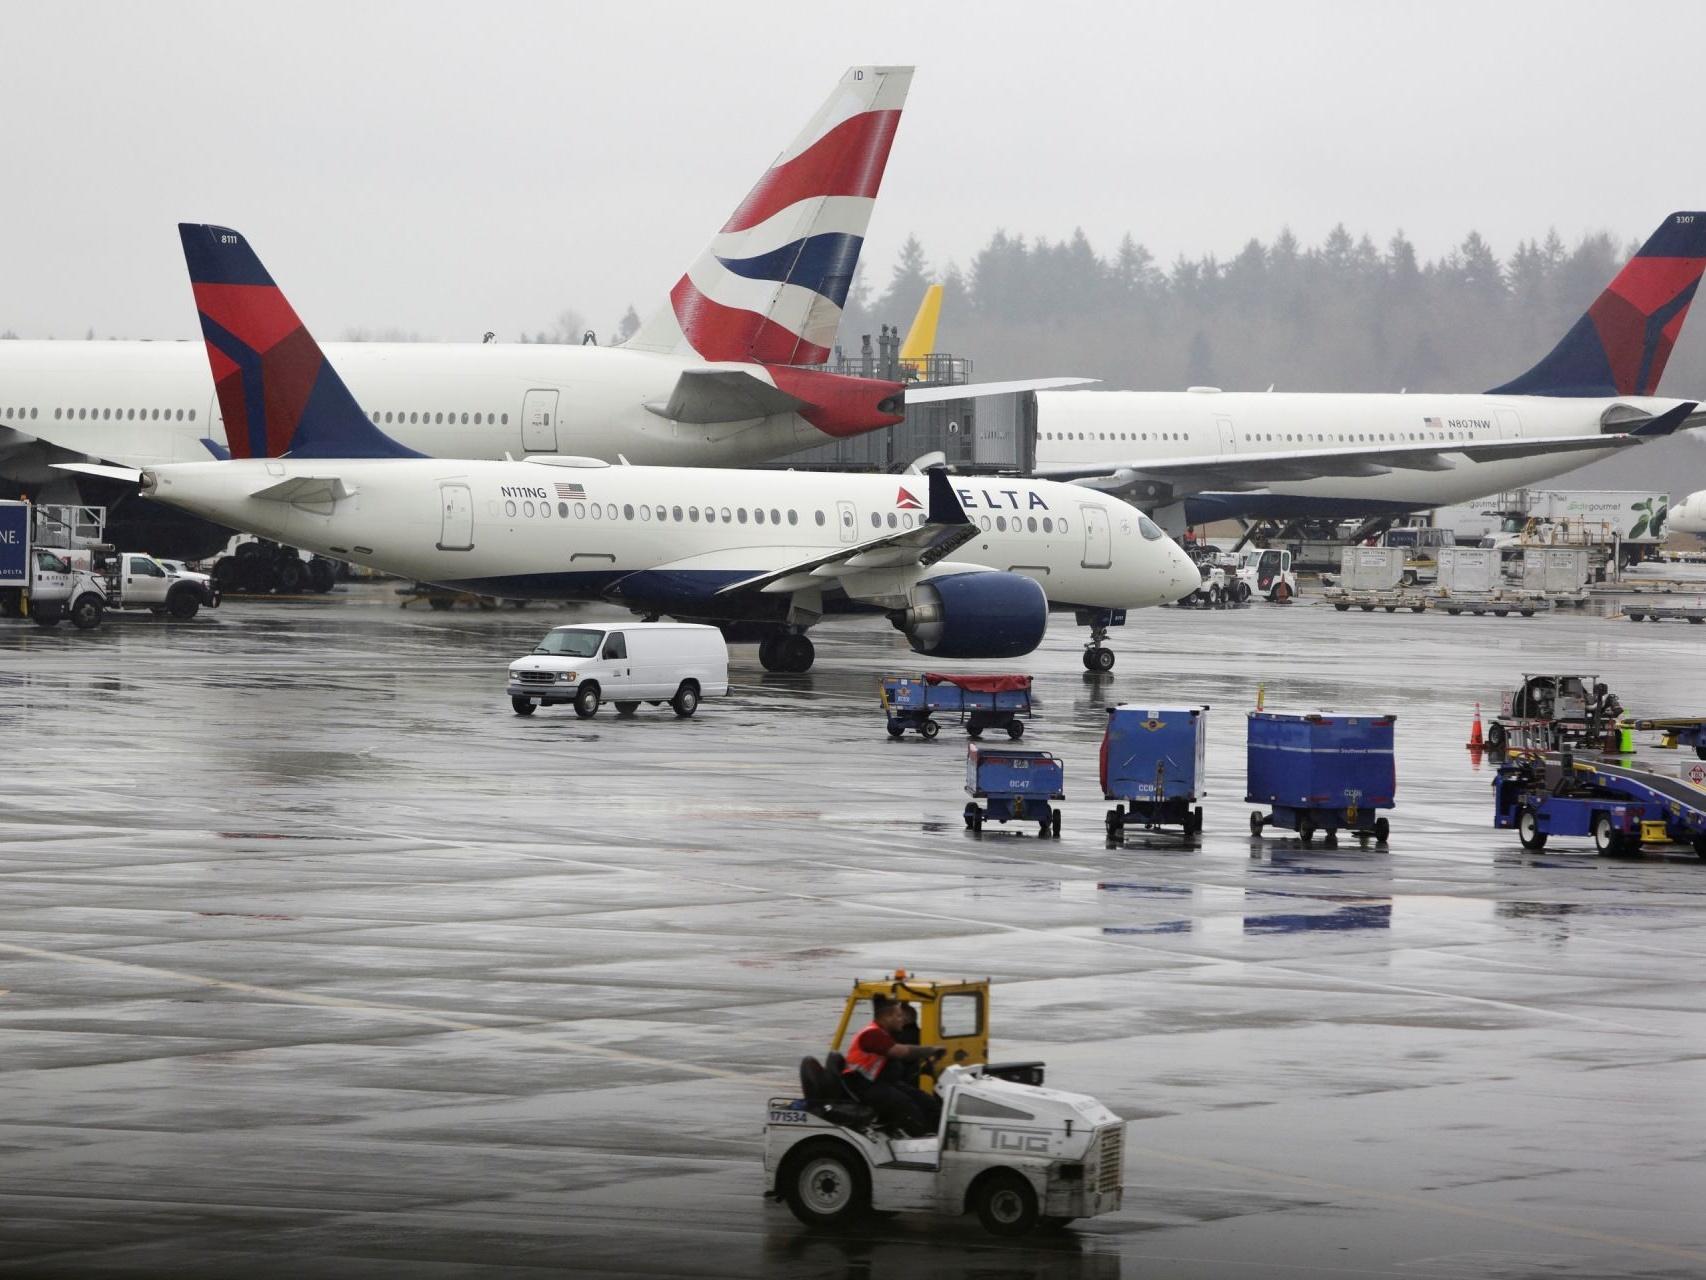 新冠病毒肆虐 美国应该救助航空公司